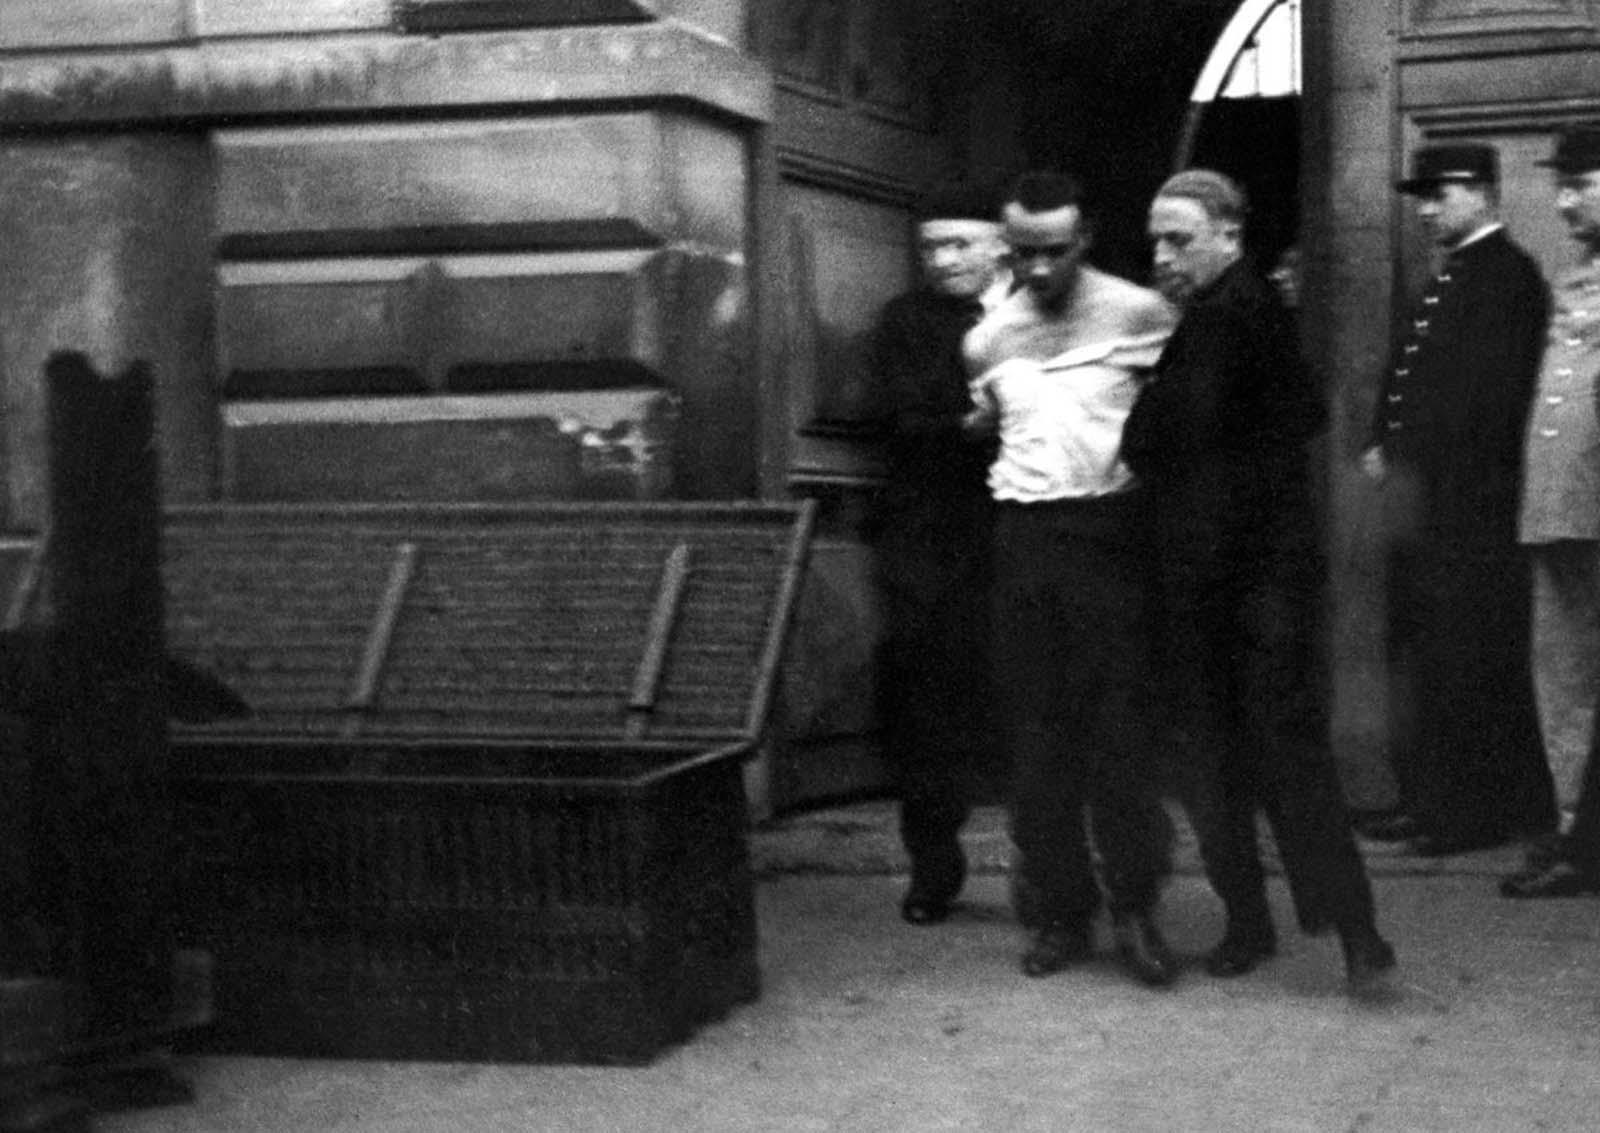 Câu chuyện đằng sau tên tội phạm cuối cùng bị xử tử công khai bằng máy chém